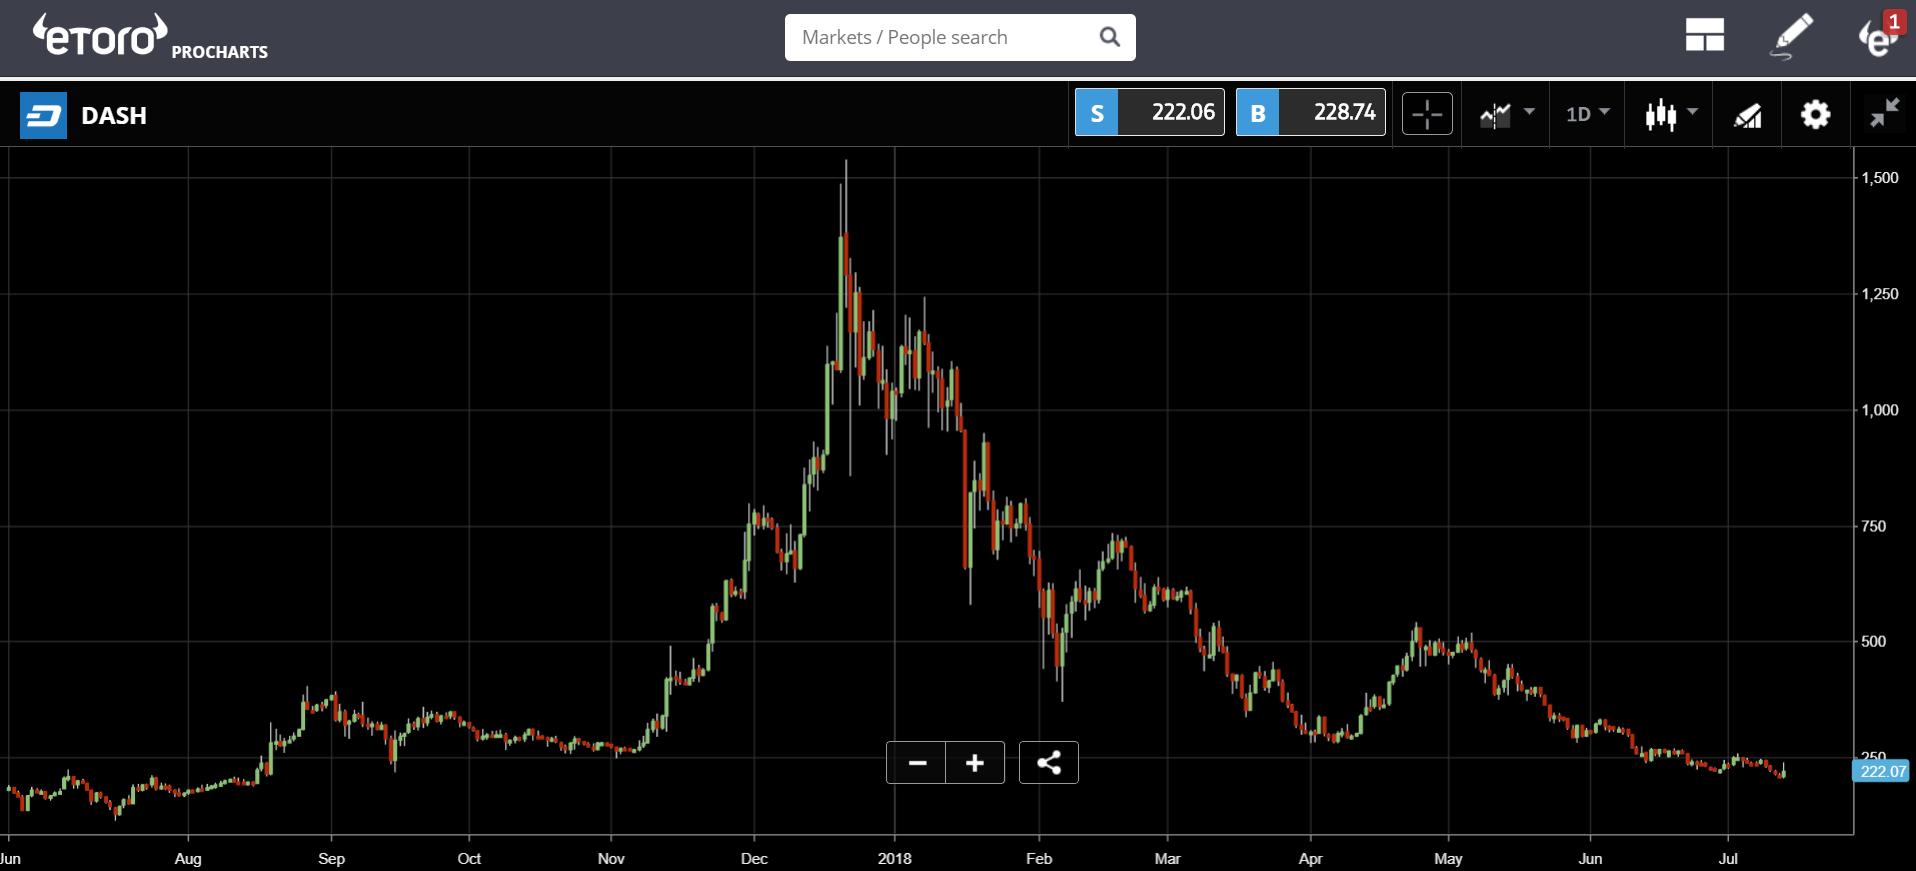 etoro, crypto, markets,trading